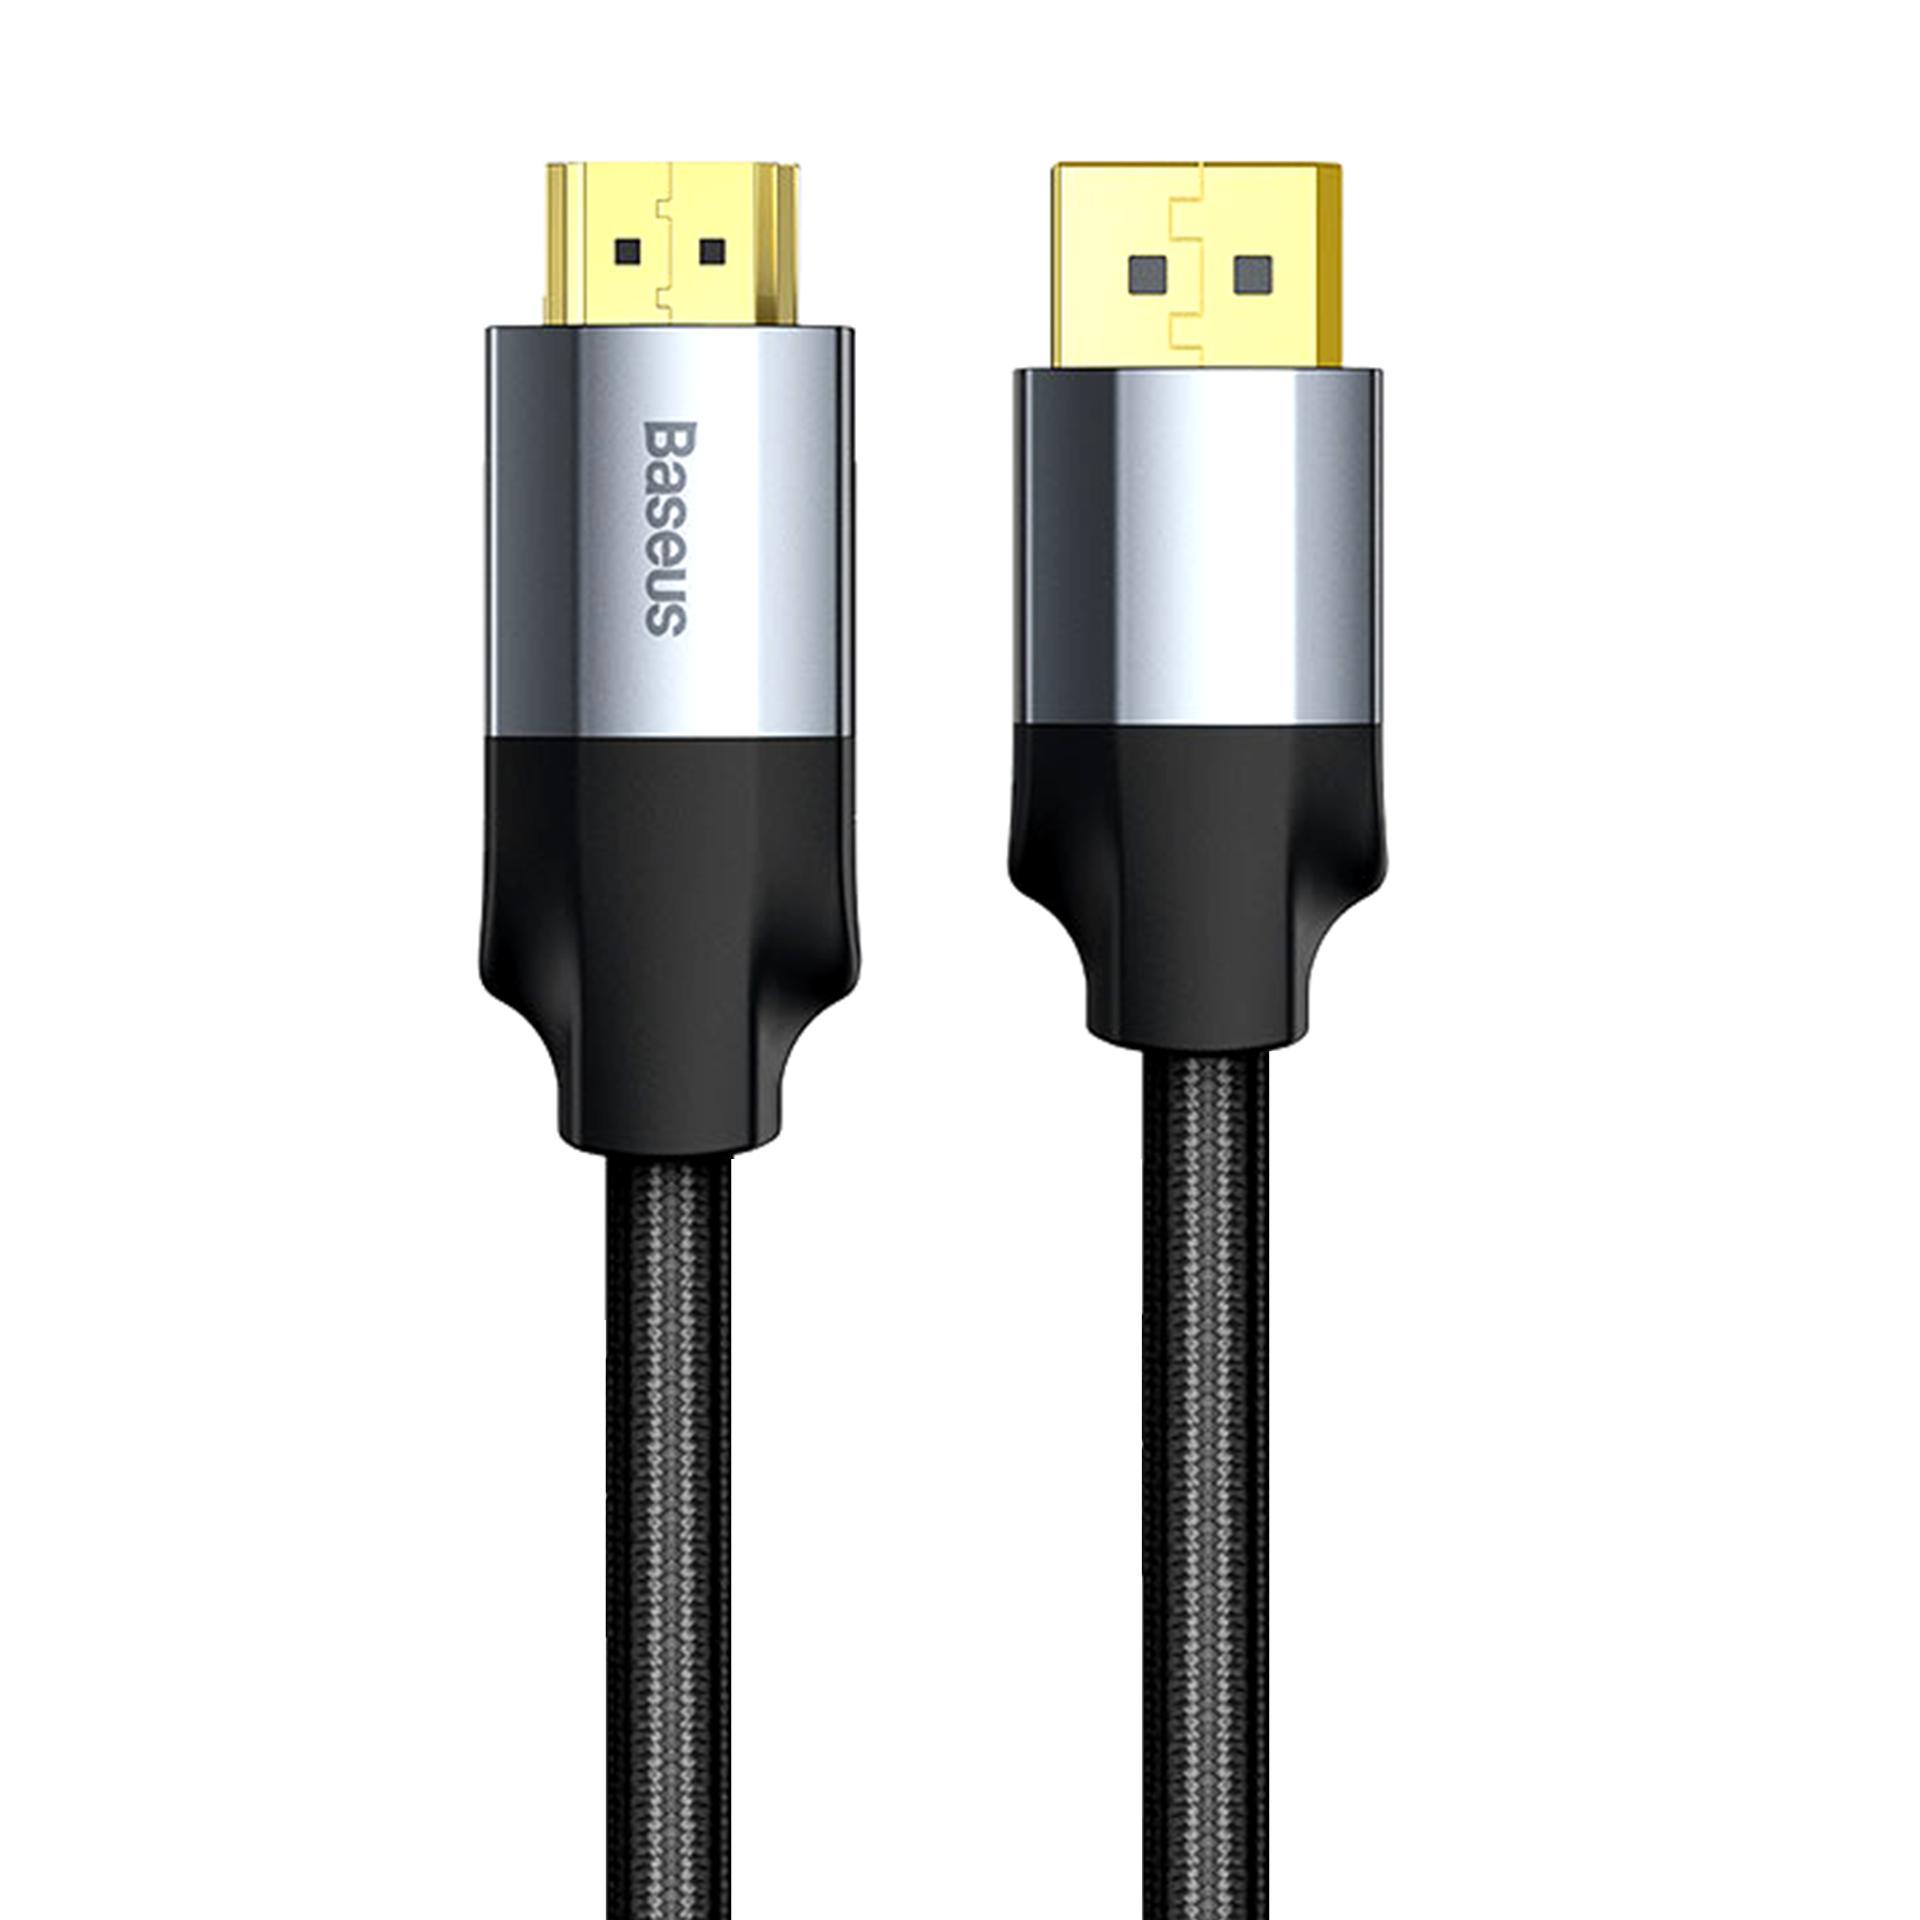 کابل تبدیل DisplayPort به HDMI باسئوس مدل CAKSX-I طول 2 متر